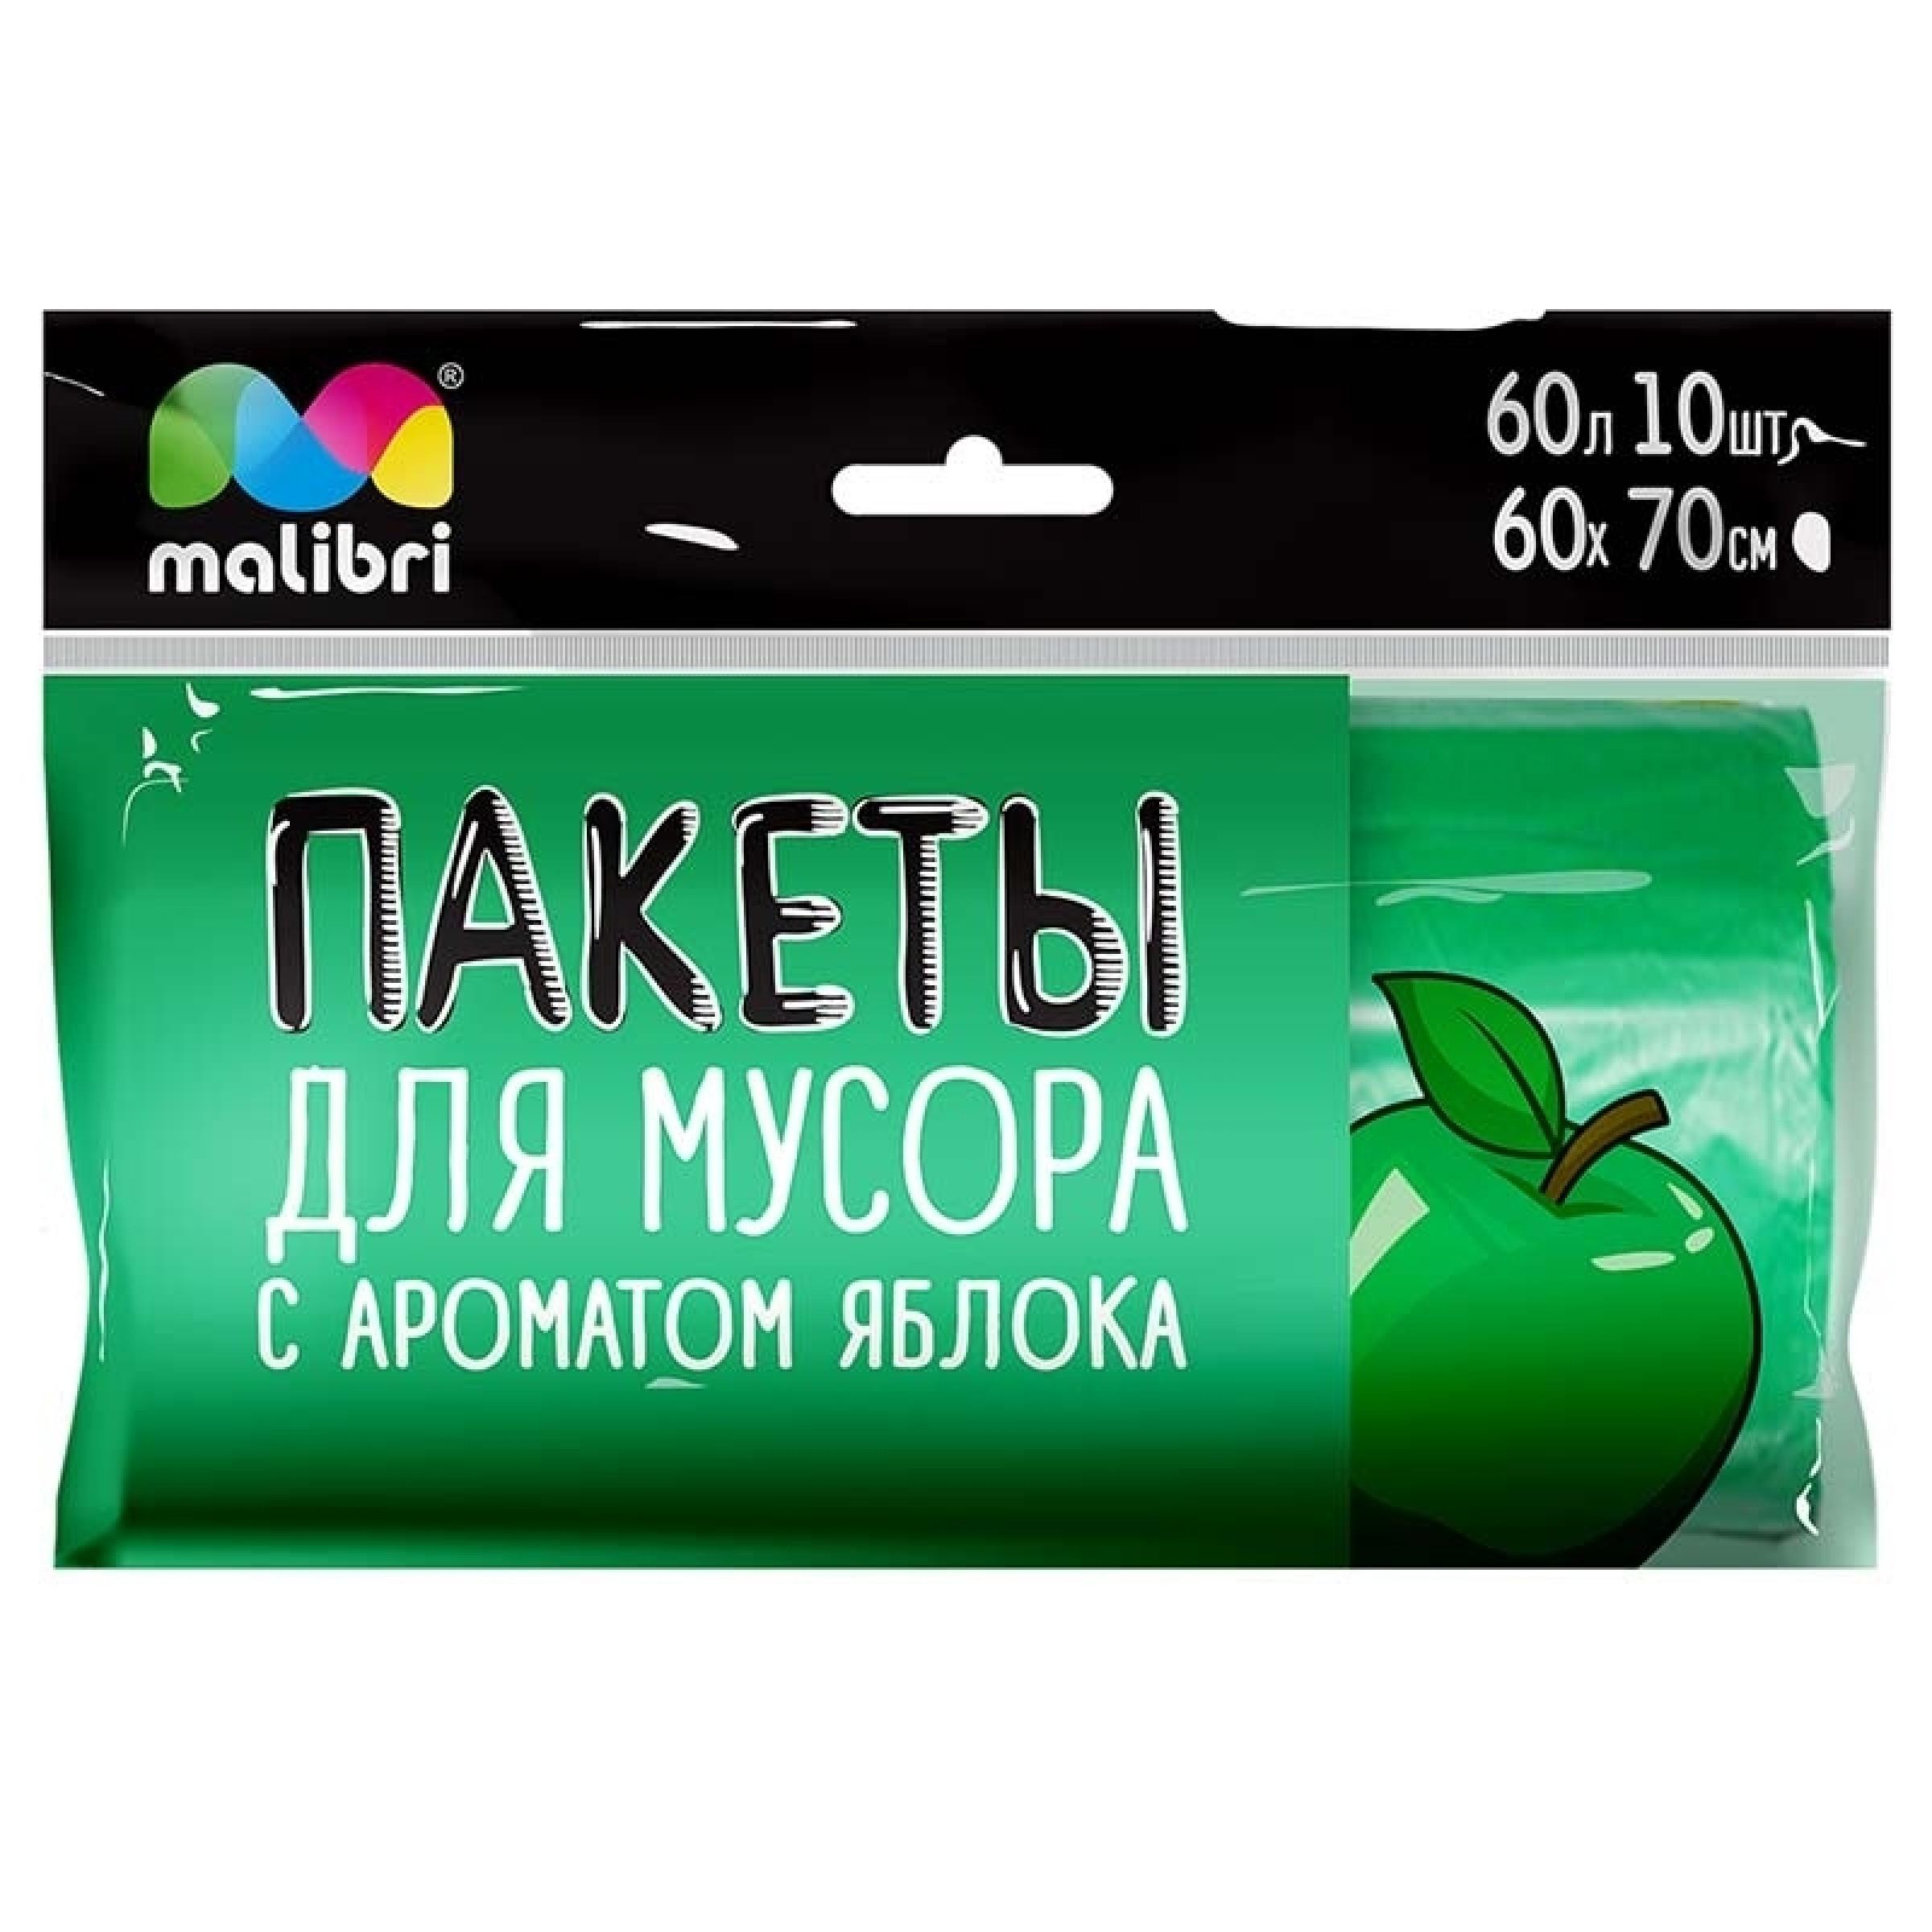 Пакеты для мусора Malibri с ароматом яблока, 60л, 10 шт